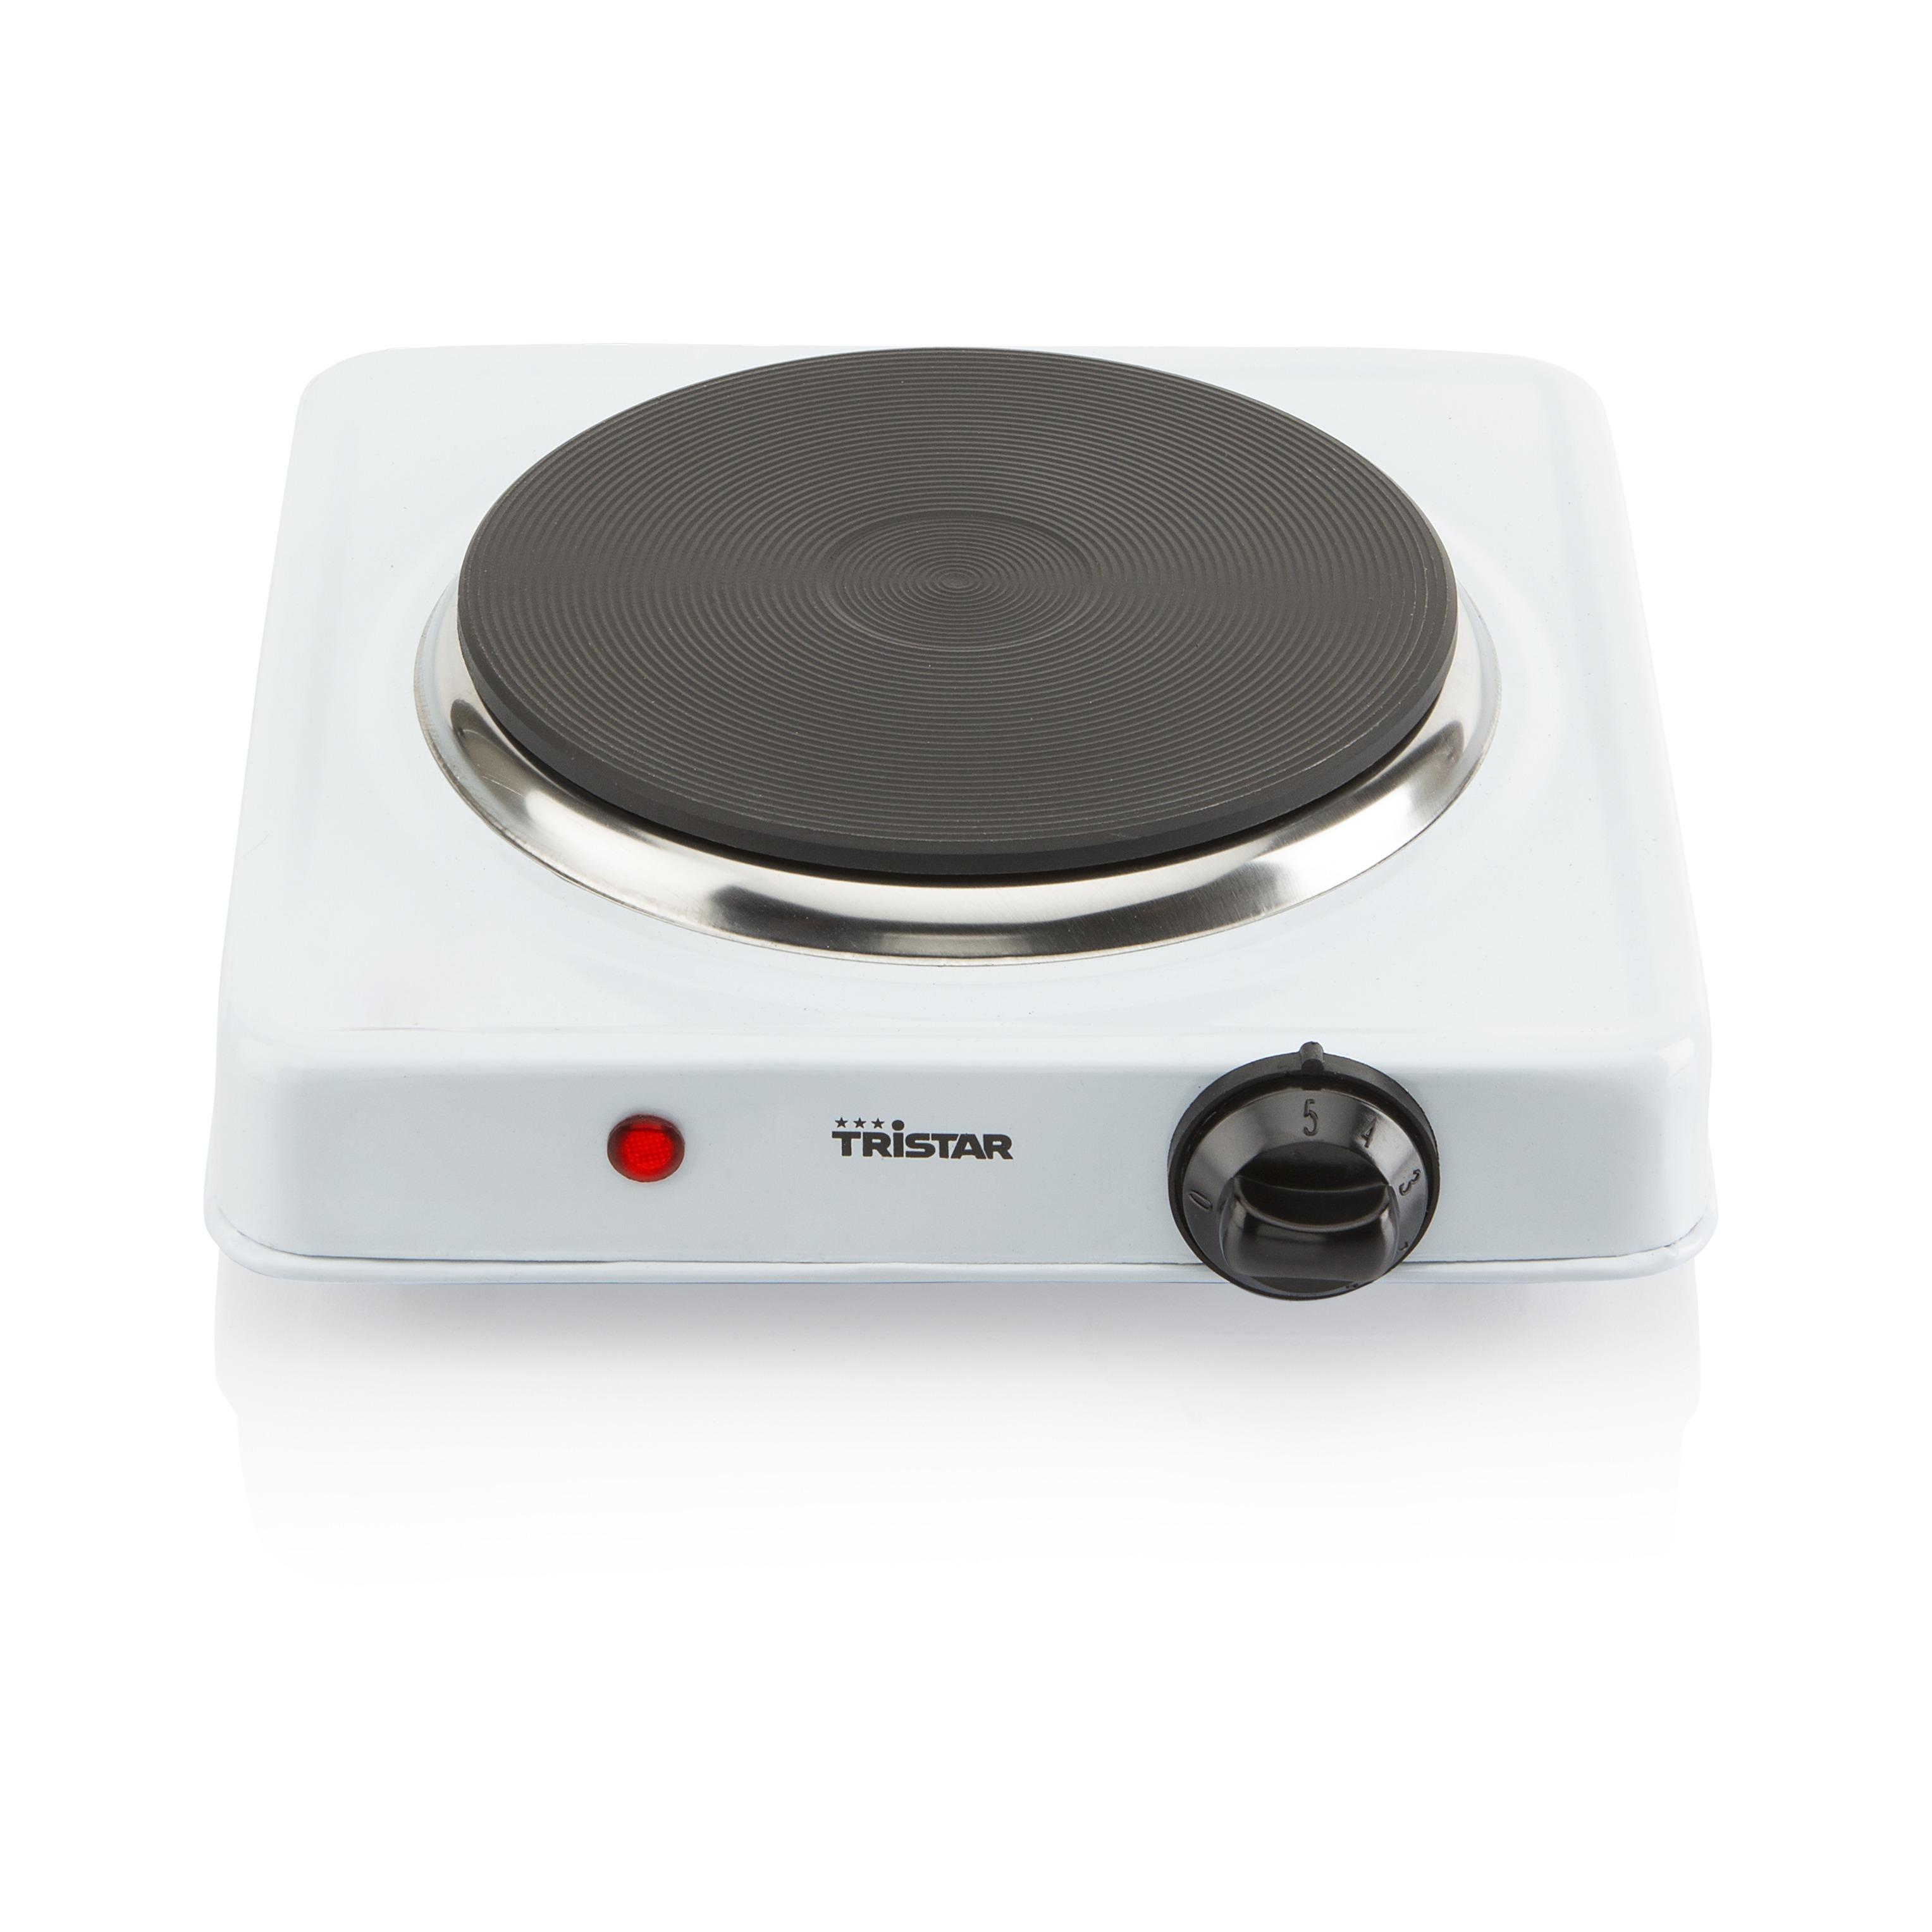 Tristar KP-6185 elektrische kookplaat